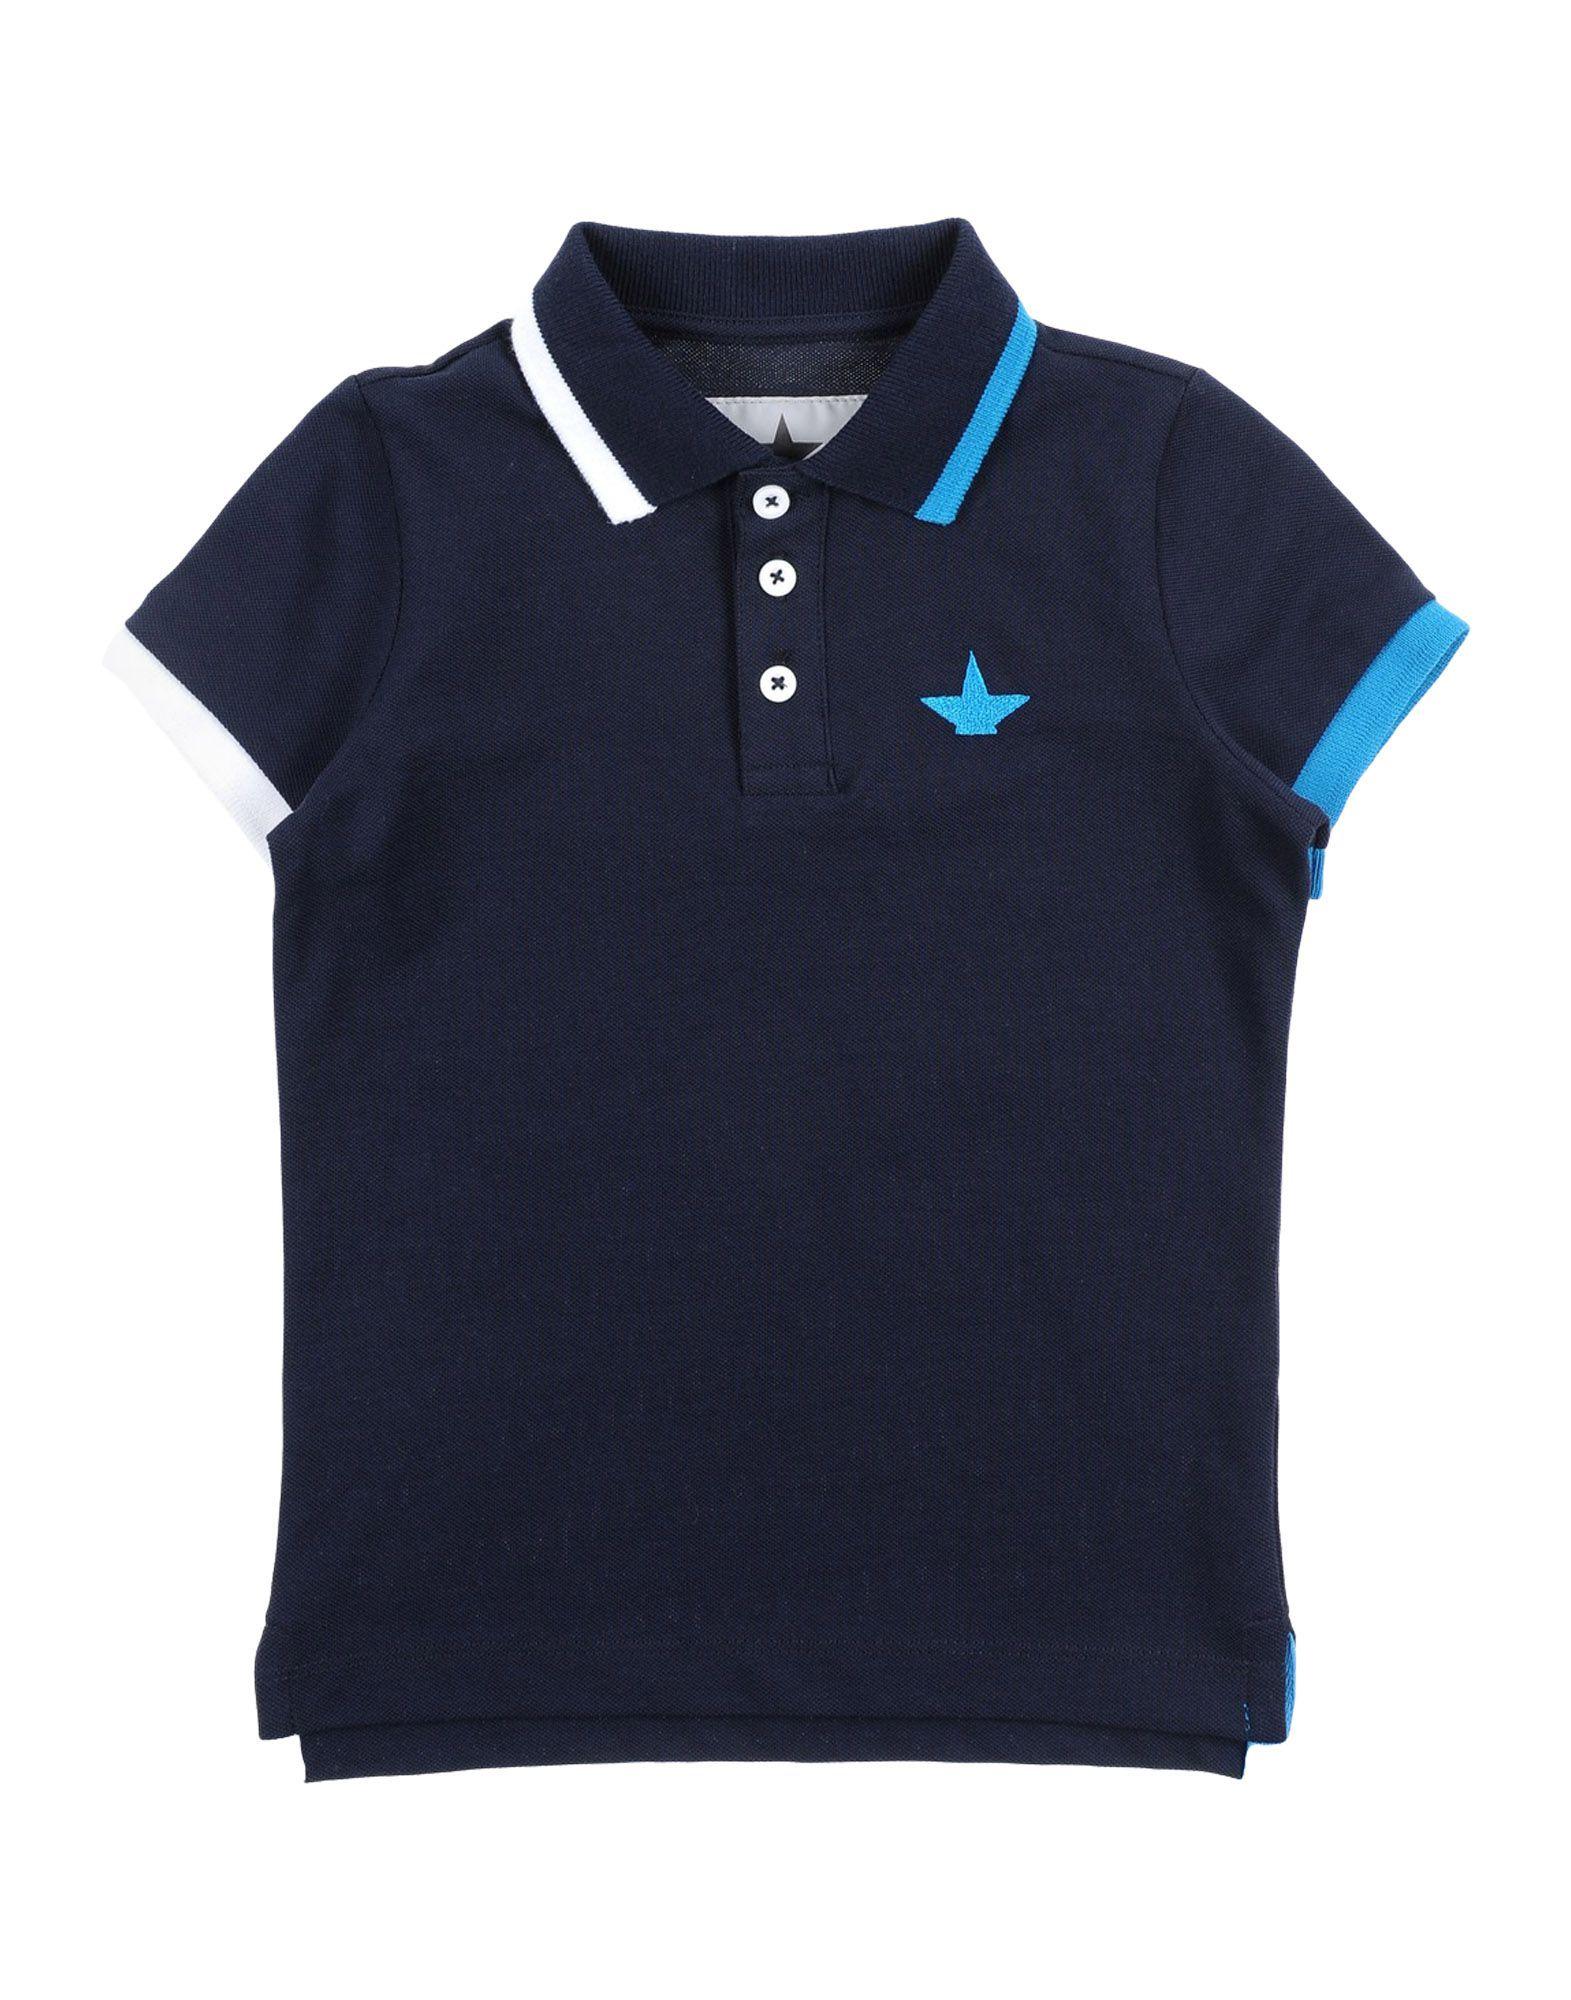 《送料無料》MACCHIA J ボーイズ 0-24 ヶ月 ポロシャツ ダークブルー 24 コットン 100%